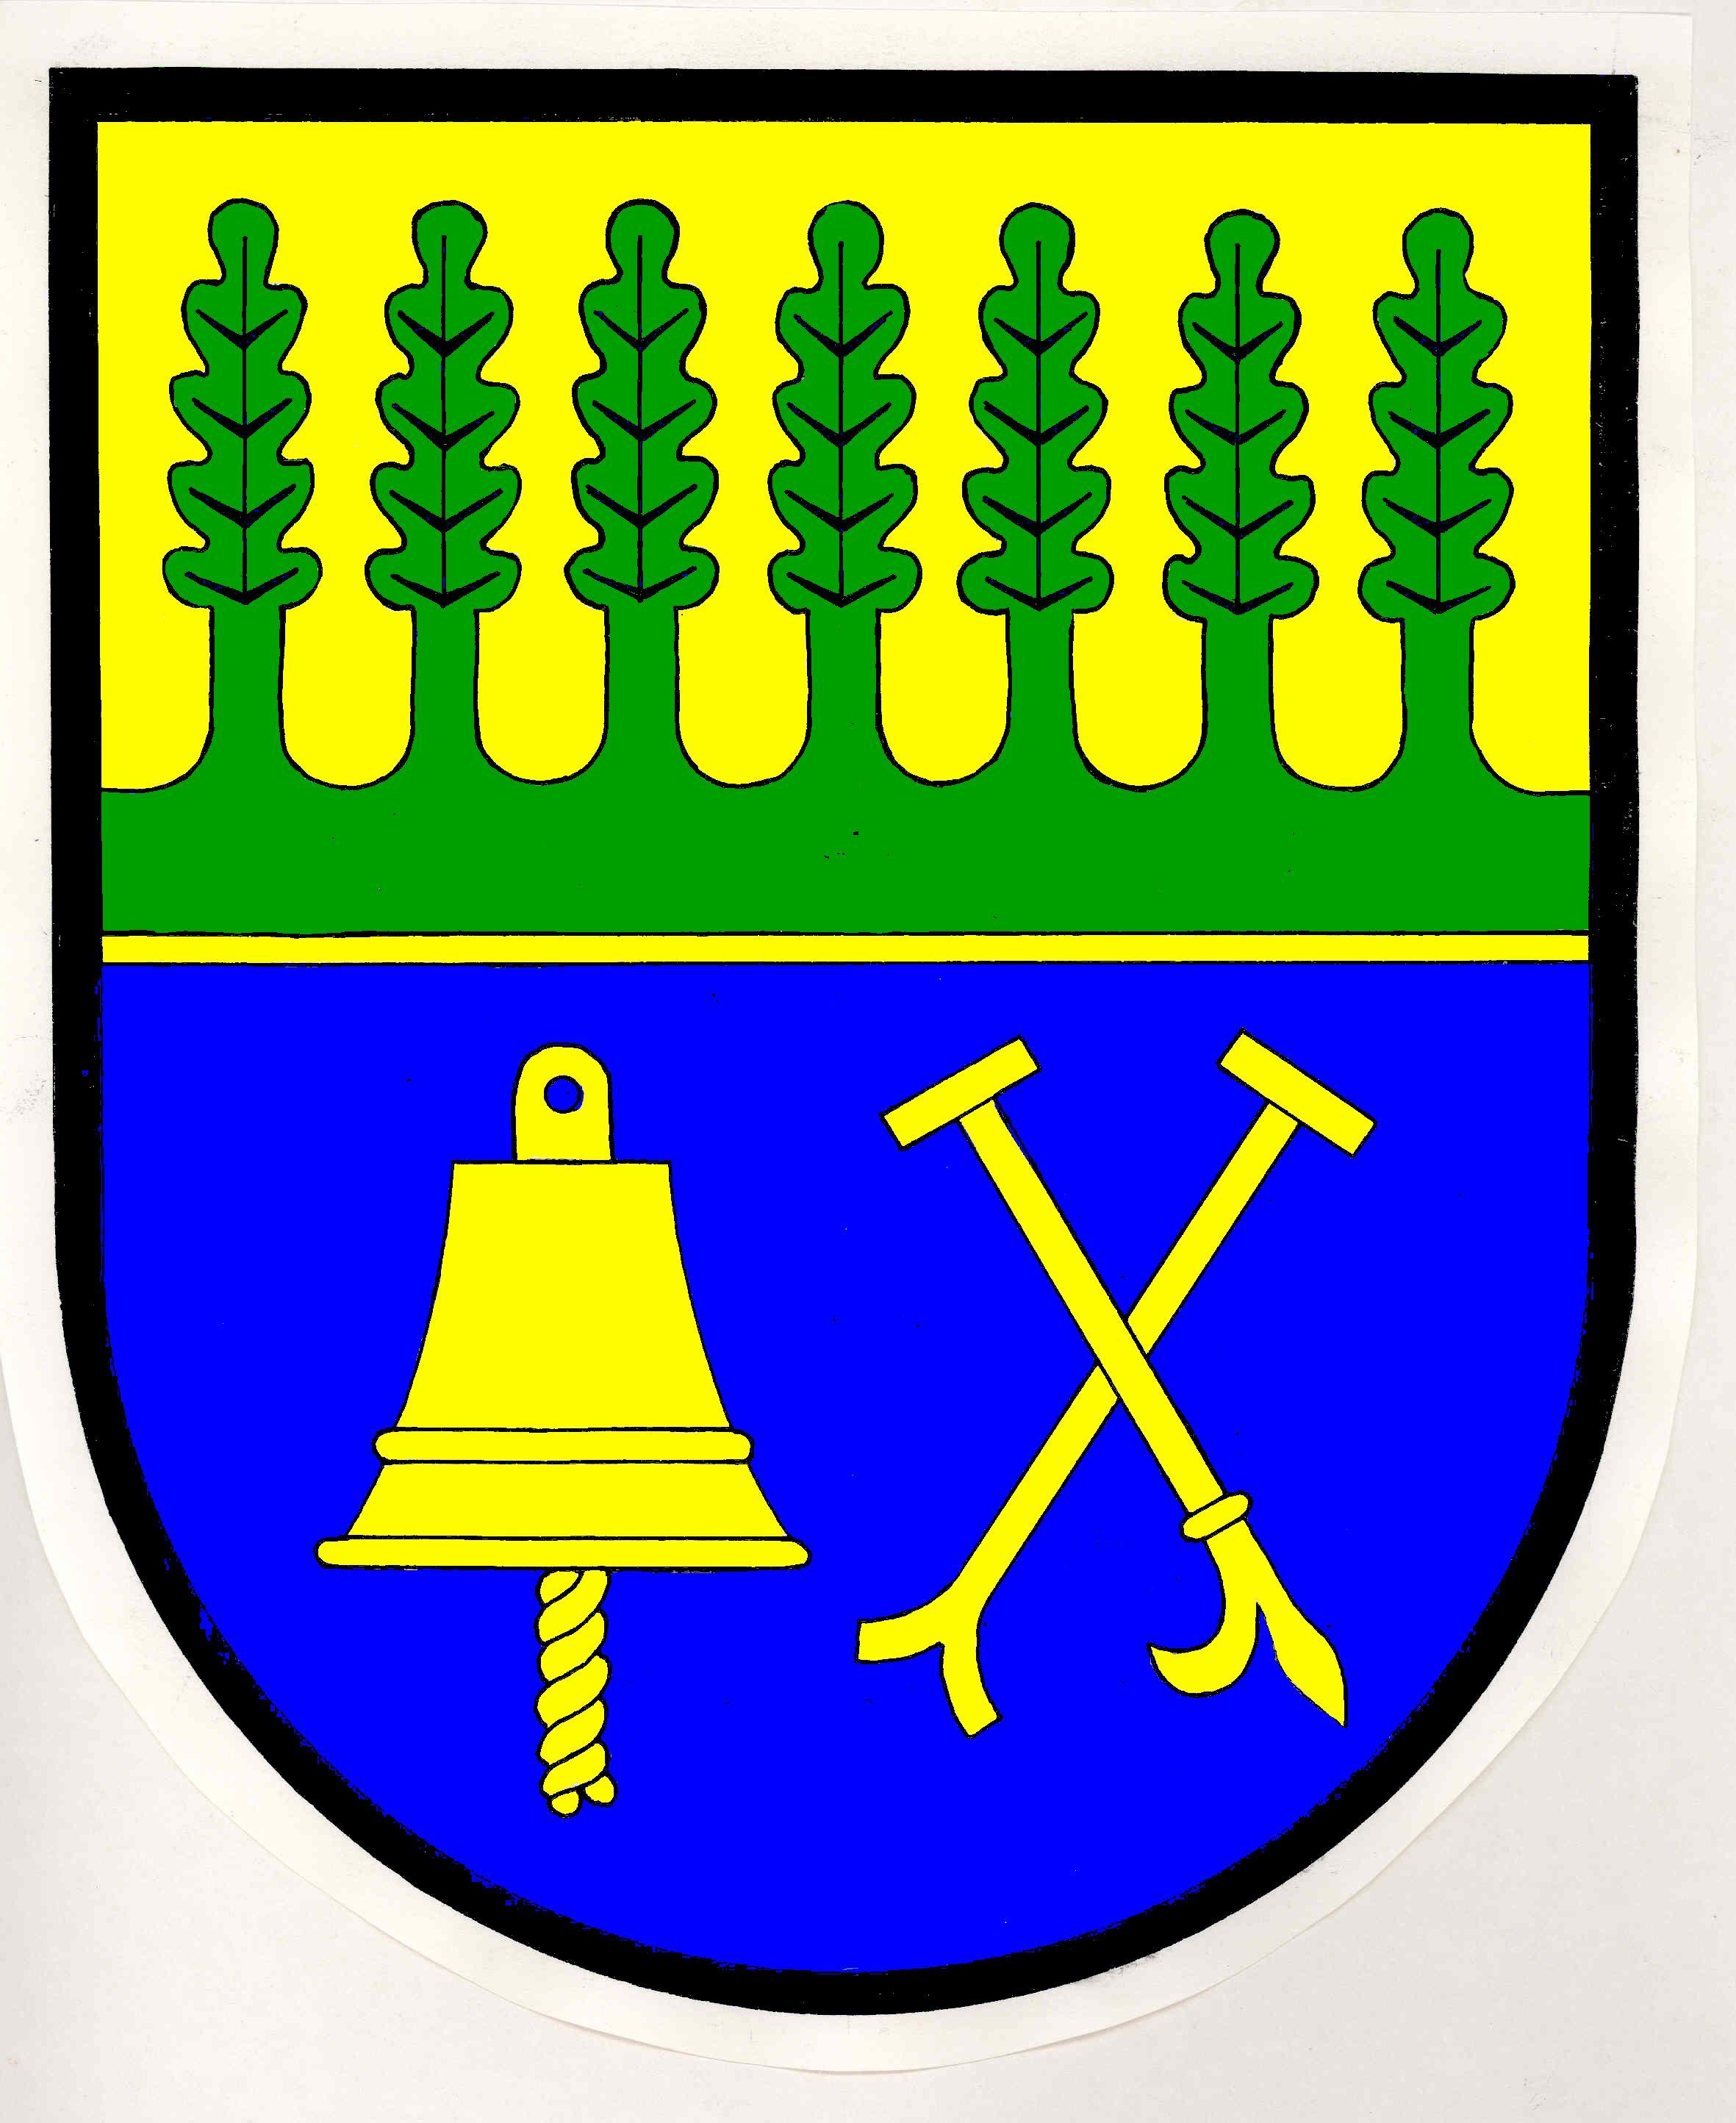 Wappen GemeindeSiebeneichen, Kreis Herzogtum Lauenburg